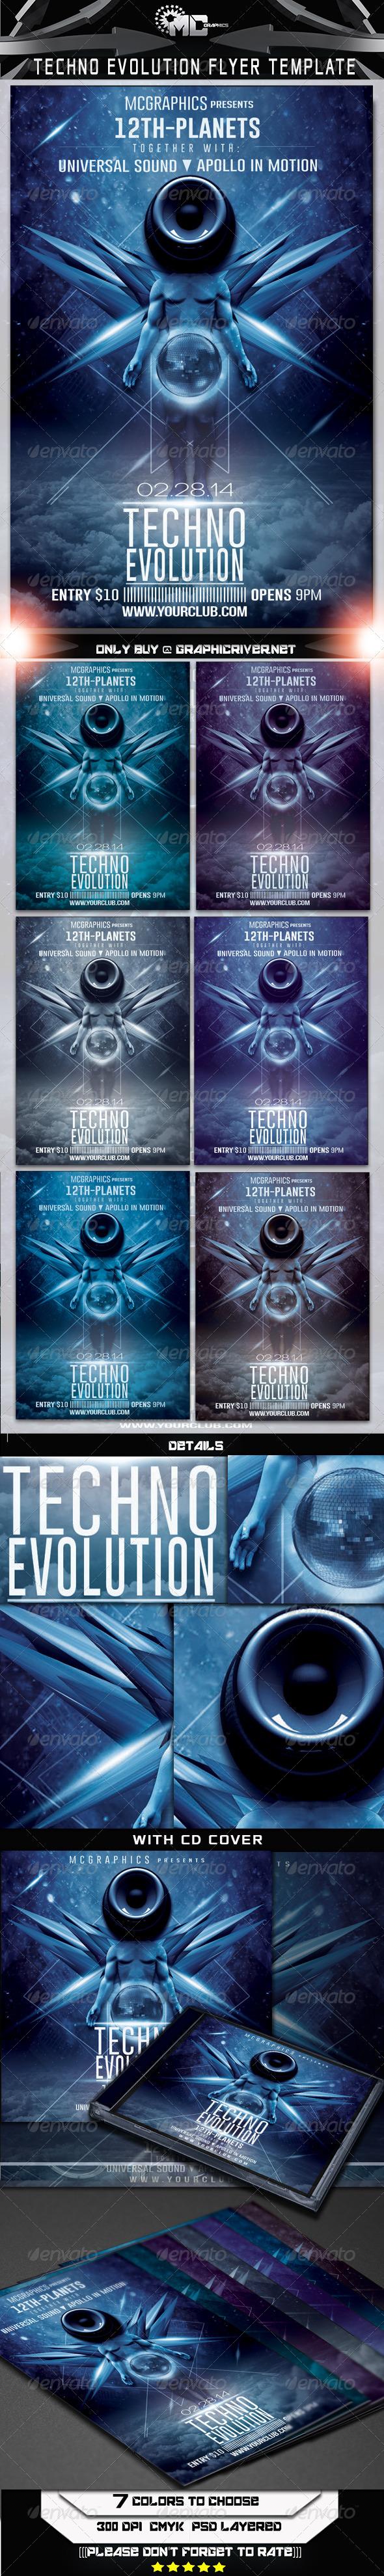 GraphicRiver Techno Evolution Flyer Template 6641180